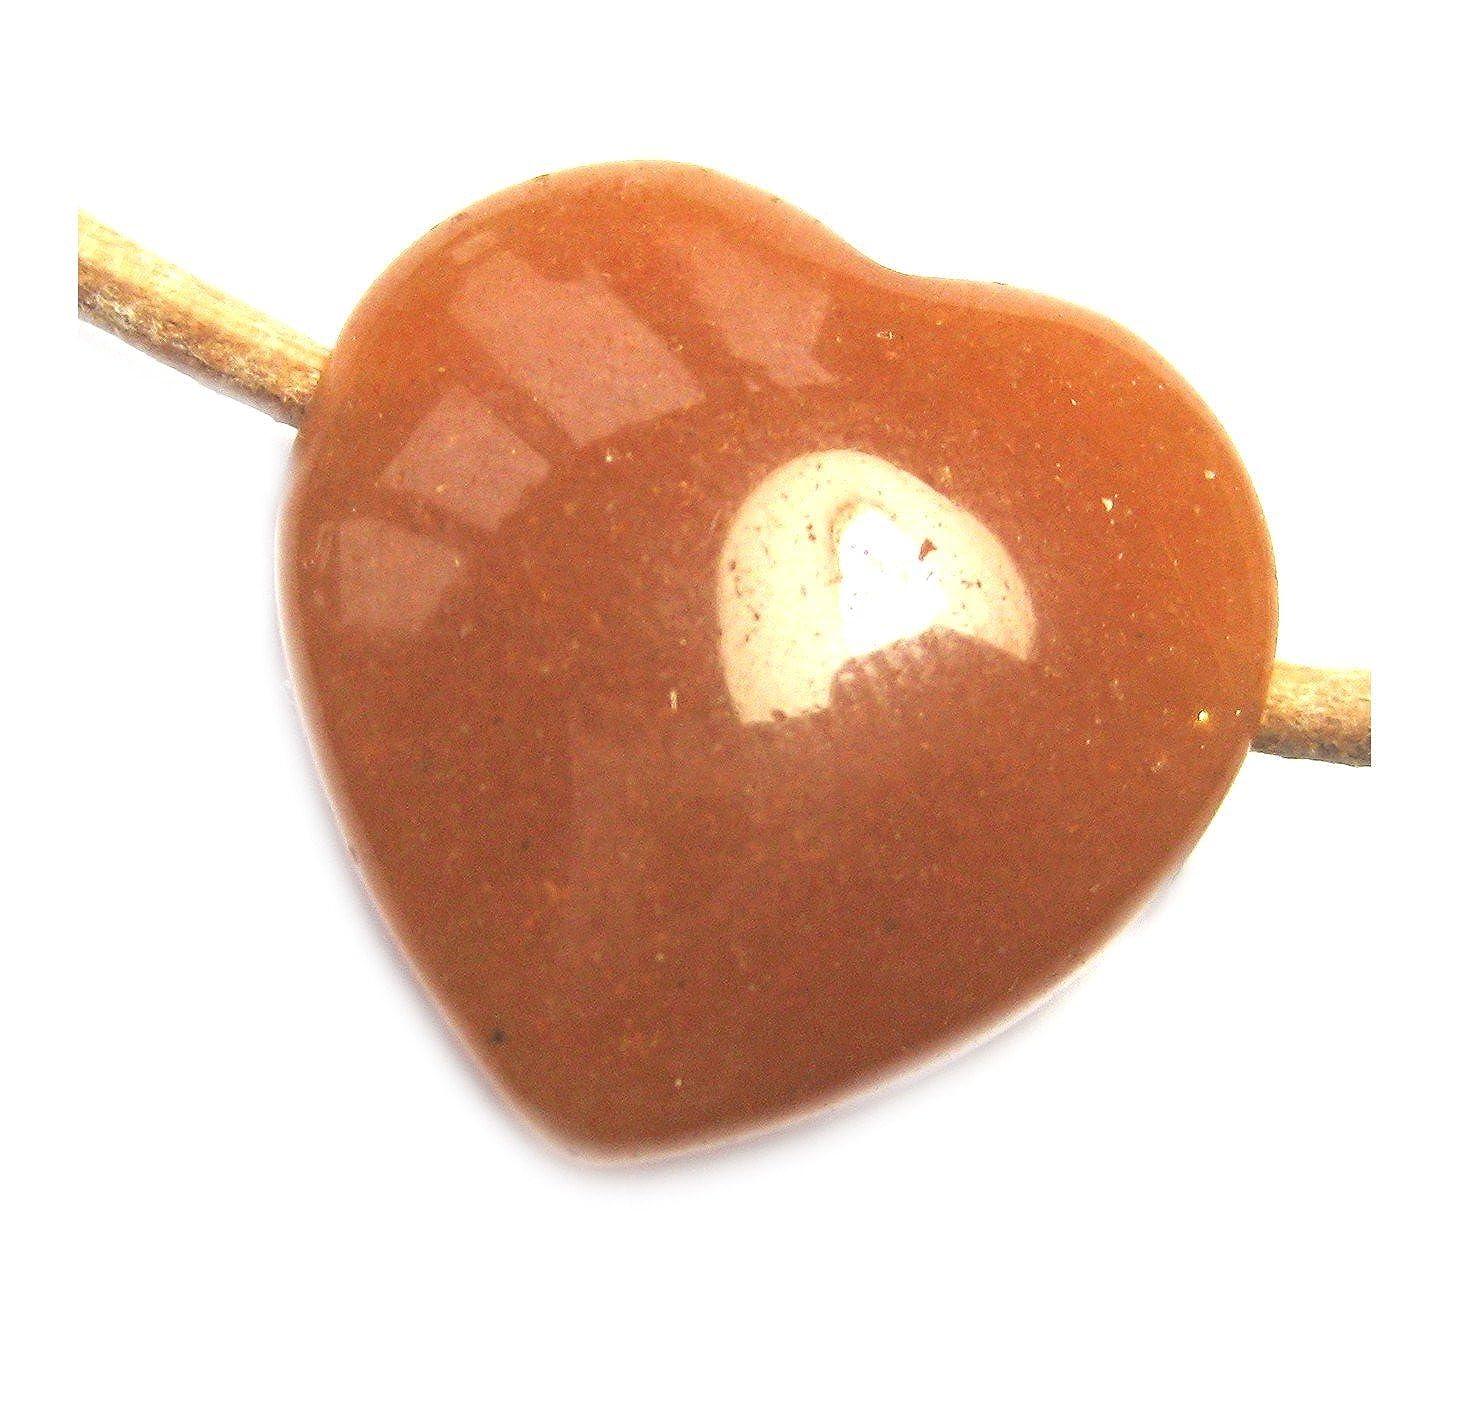 Herz Aventurin Aventurinquarz orange 25 mm gebohrt Amaryllis GbR 4250659100903